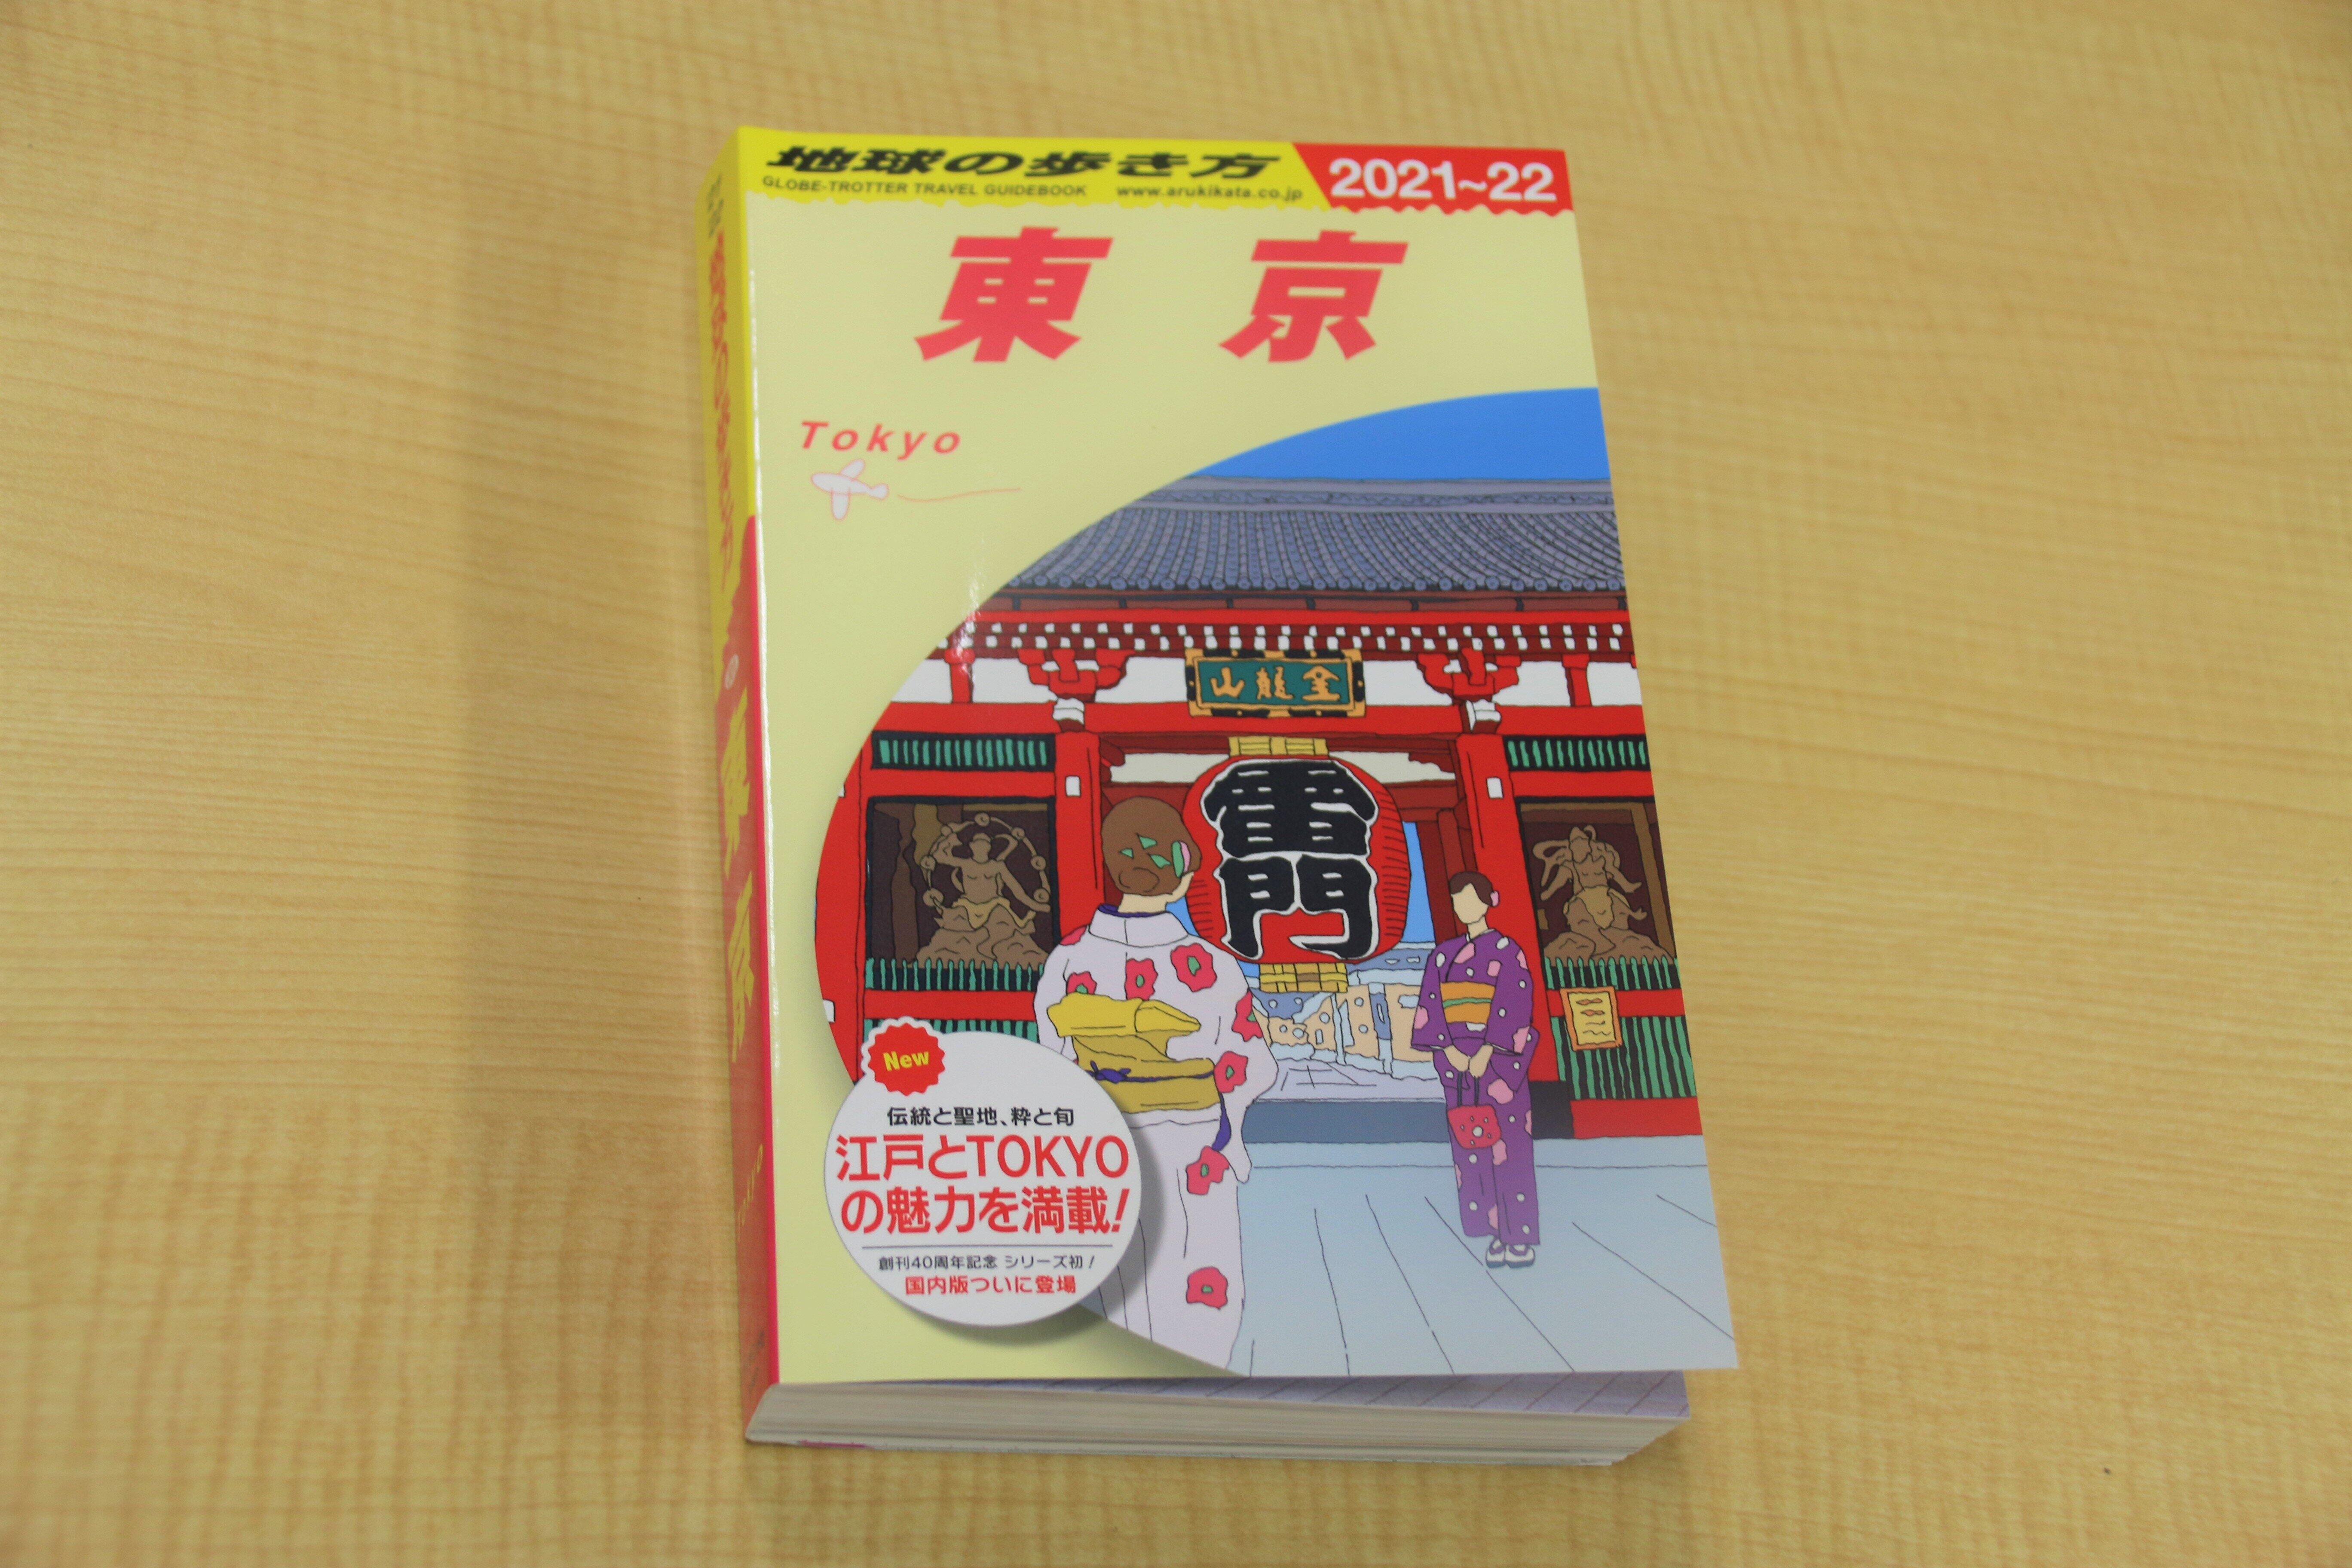 国内観光の意外な起爆剤? 海外旅行の「地球の歩き方」が、初の国内版「東京」に込めた思い